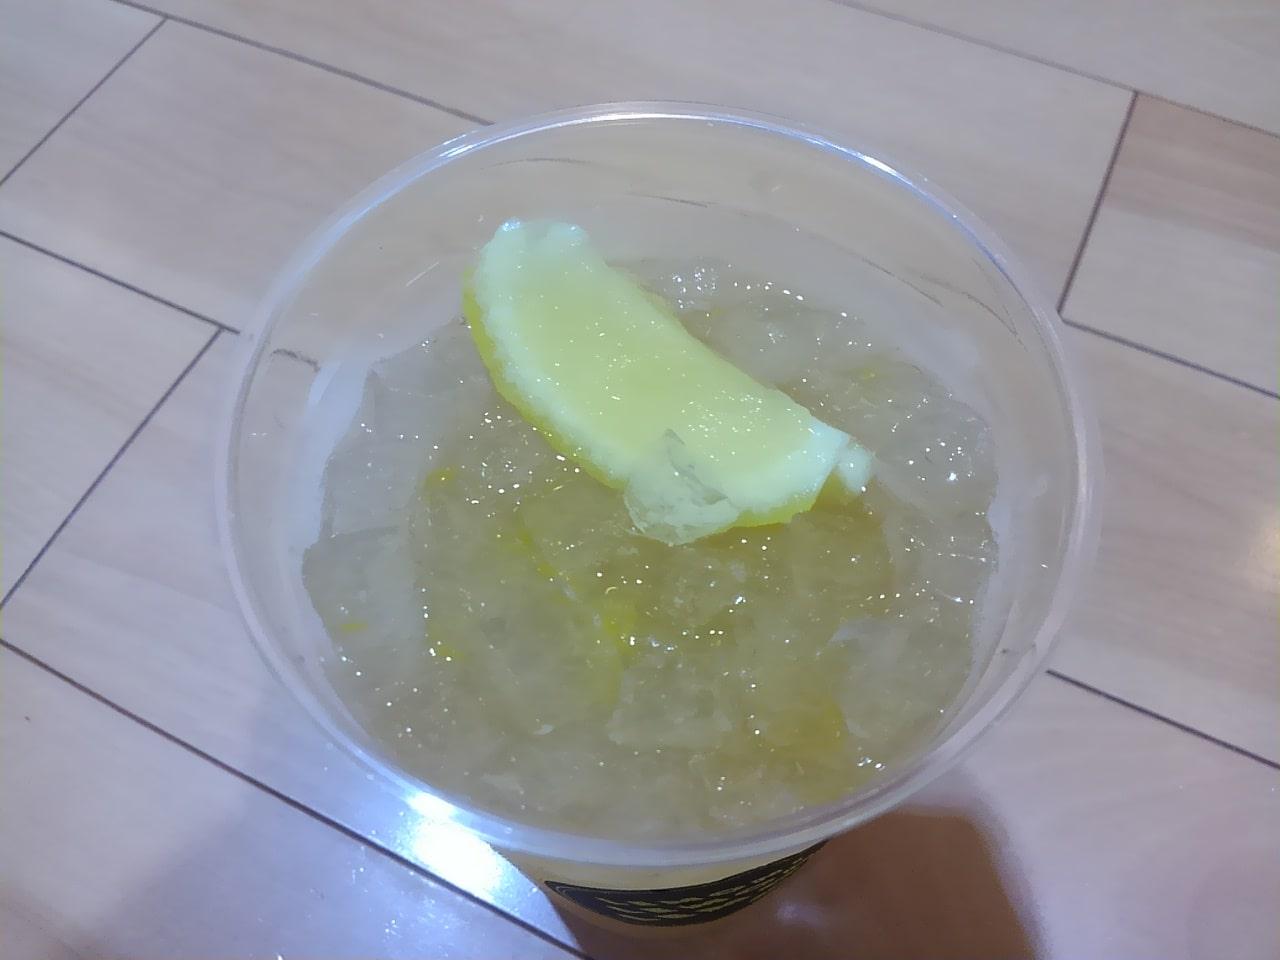 モスバーガーのまるごと!レモンのジンジャーエールの感想・口コミ・カロリー・値段